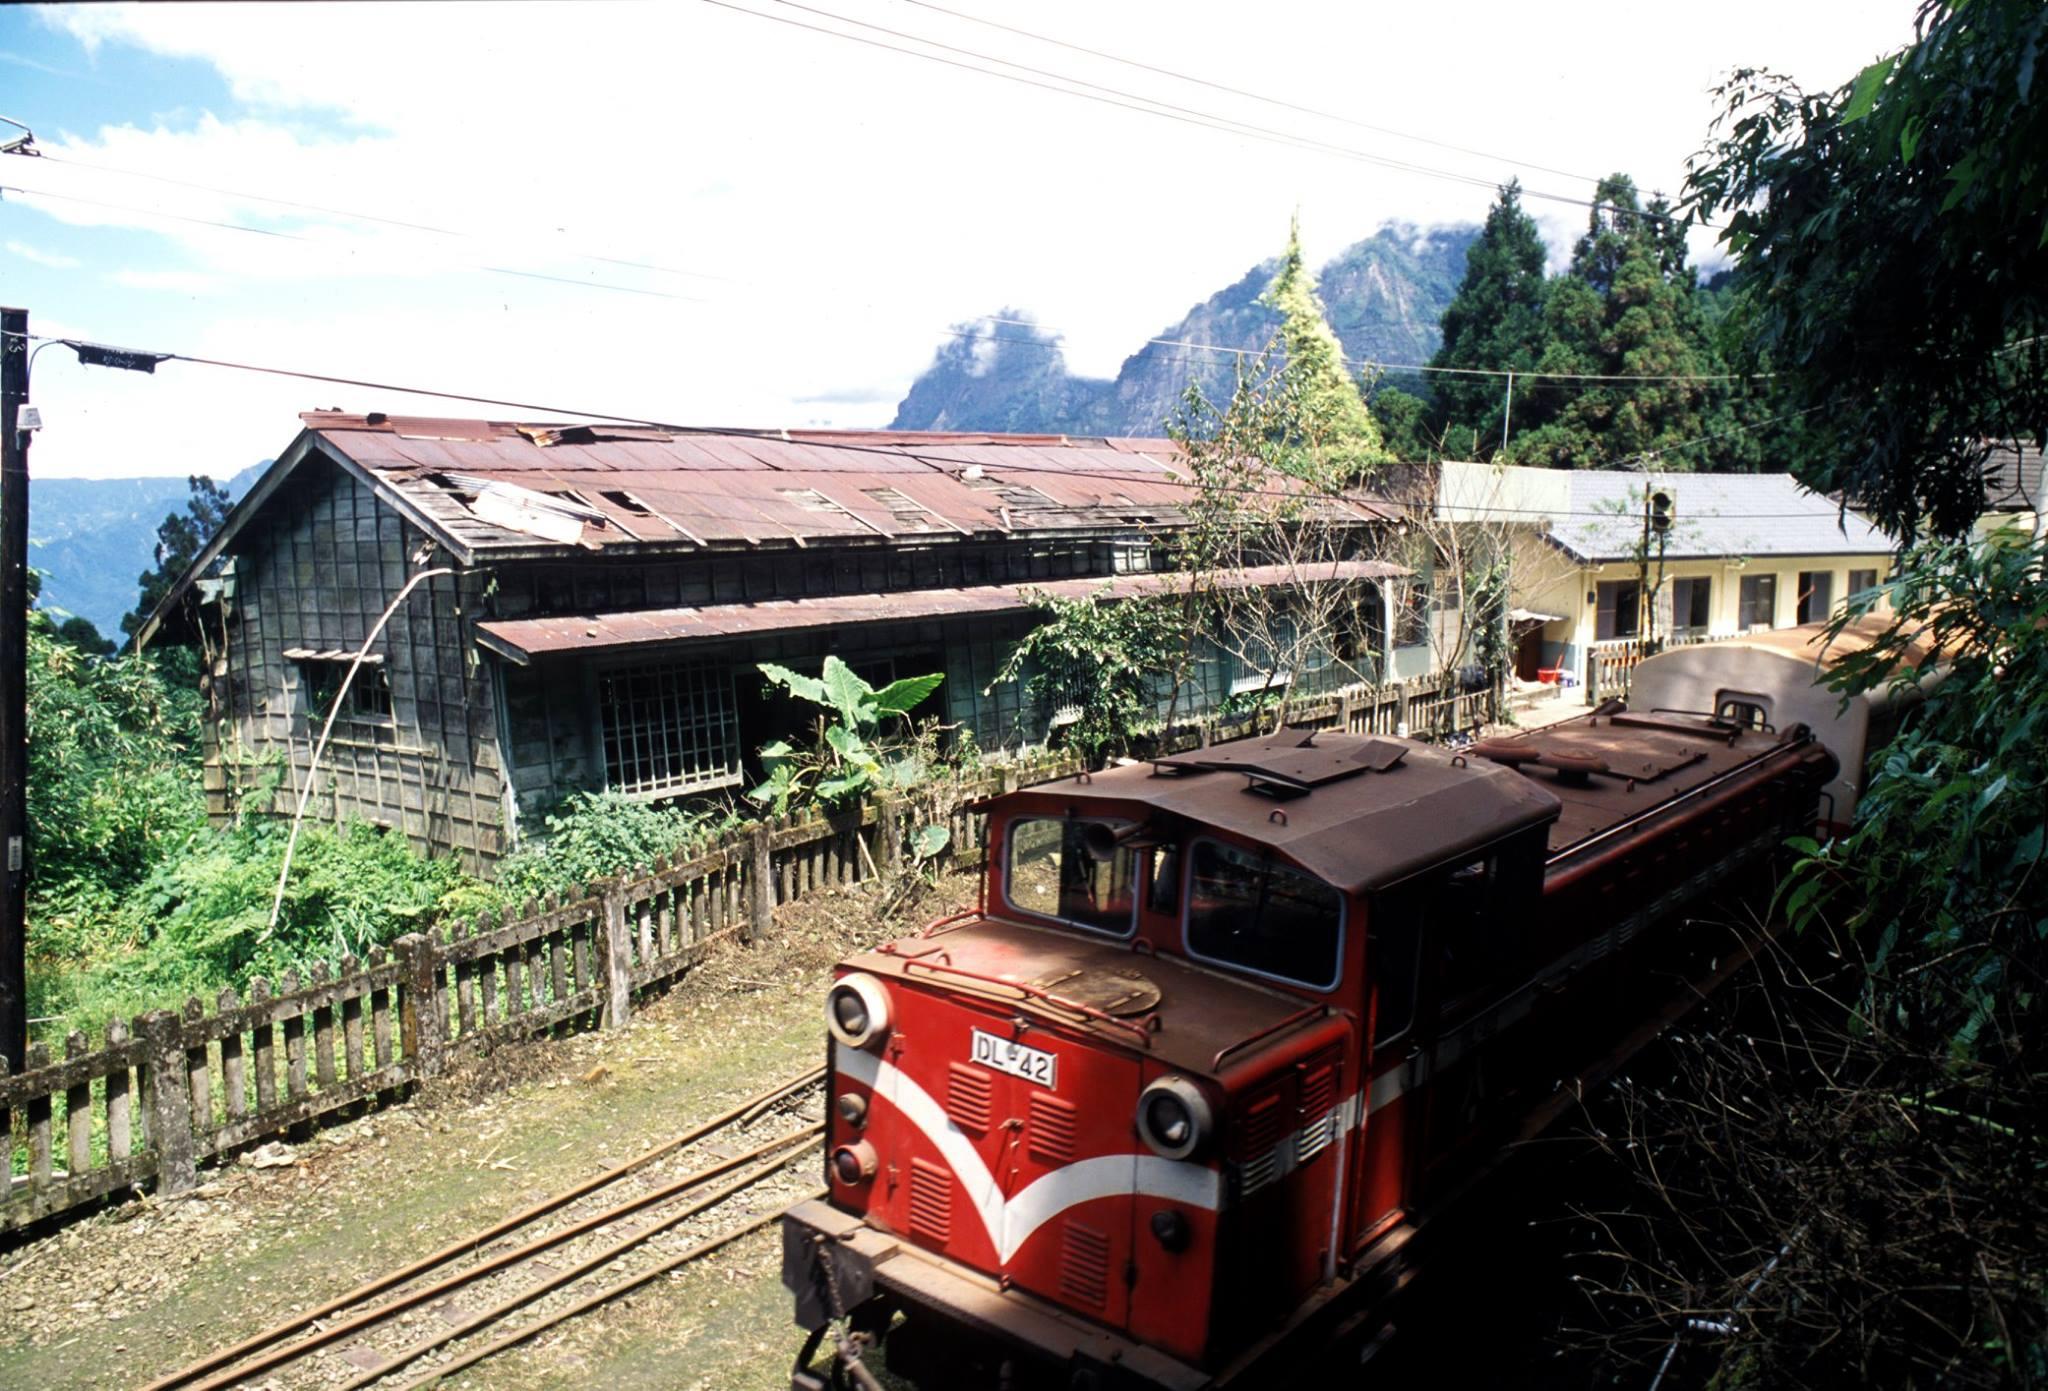 往返部落的古道與鐵道交匯呈十字狀,因此稱為十字路。圖/阿里山 新印象臉書粉絲專頁